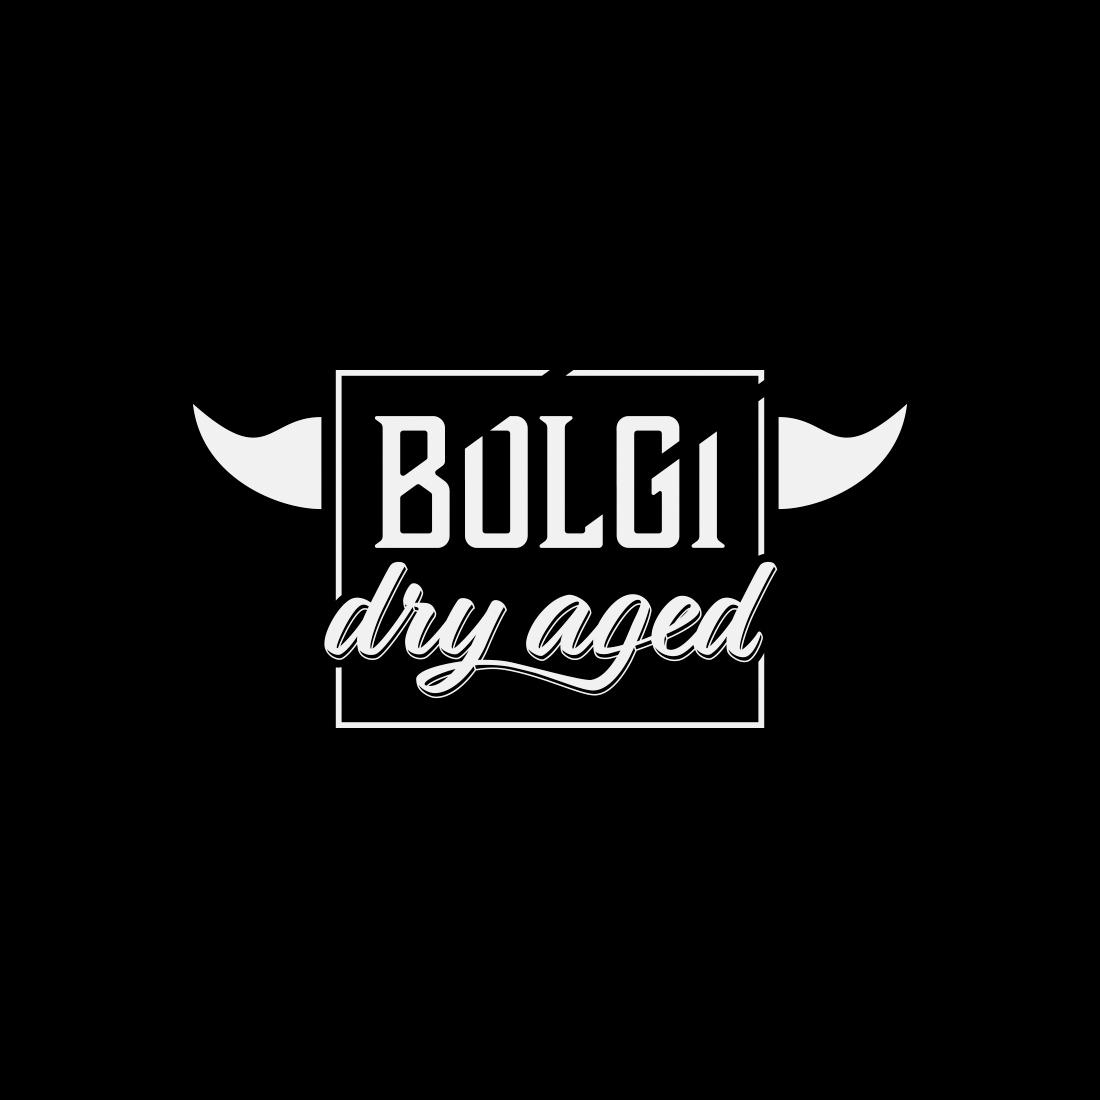 Bolgi Dry aged neg